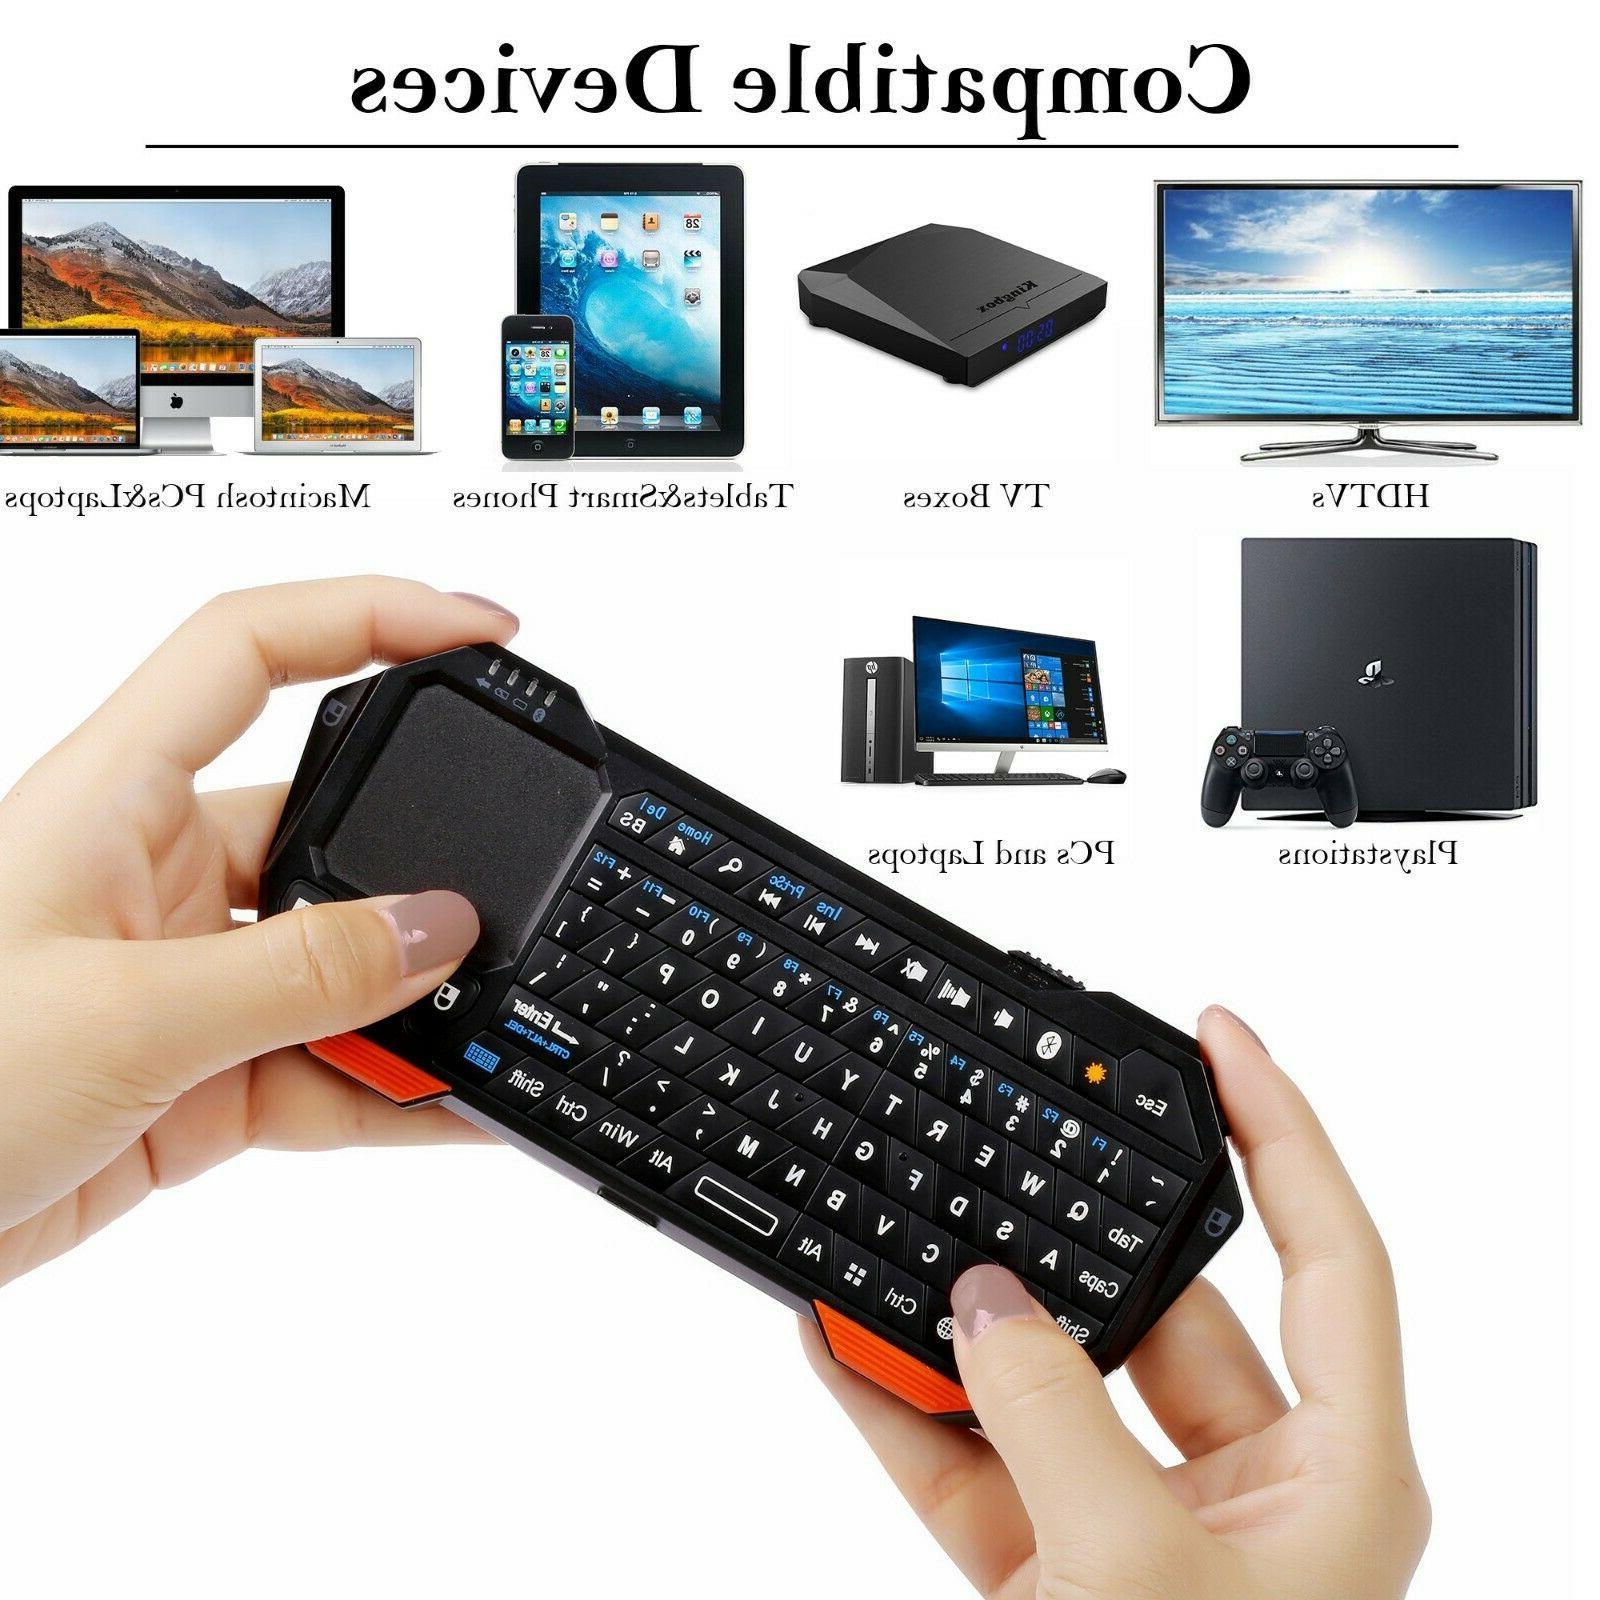 Mini Touchpad iOS Portable